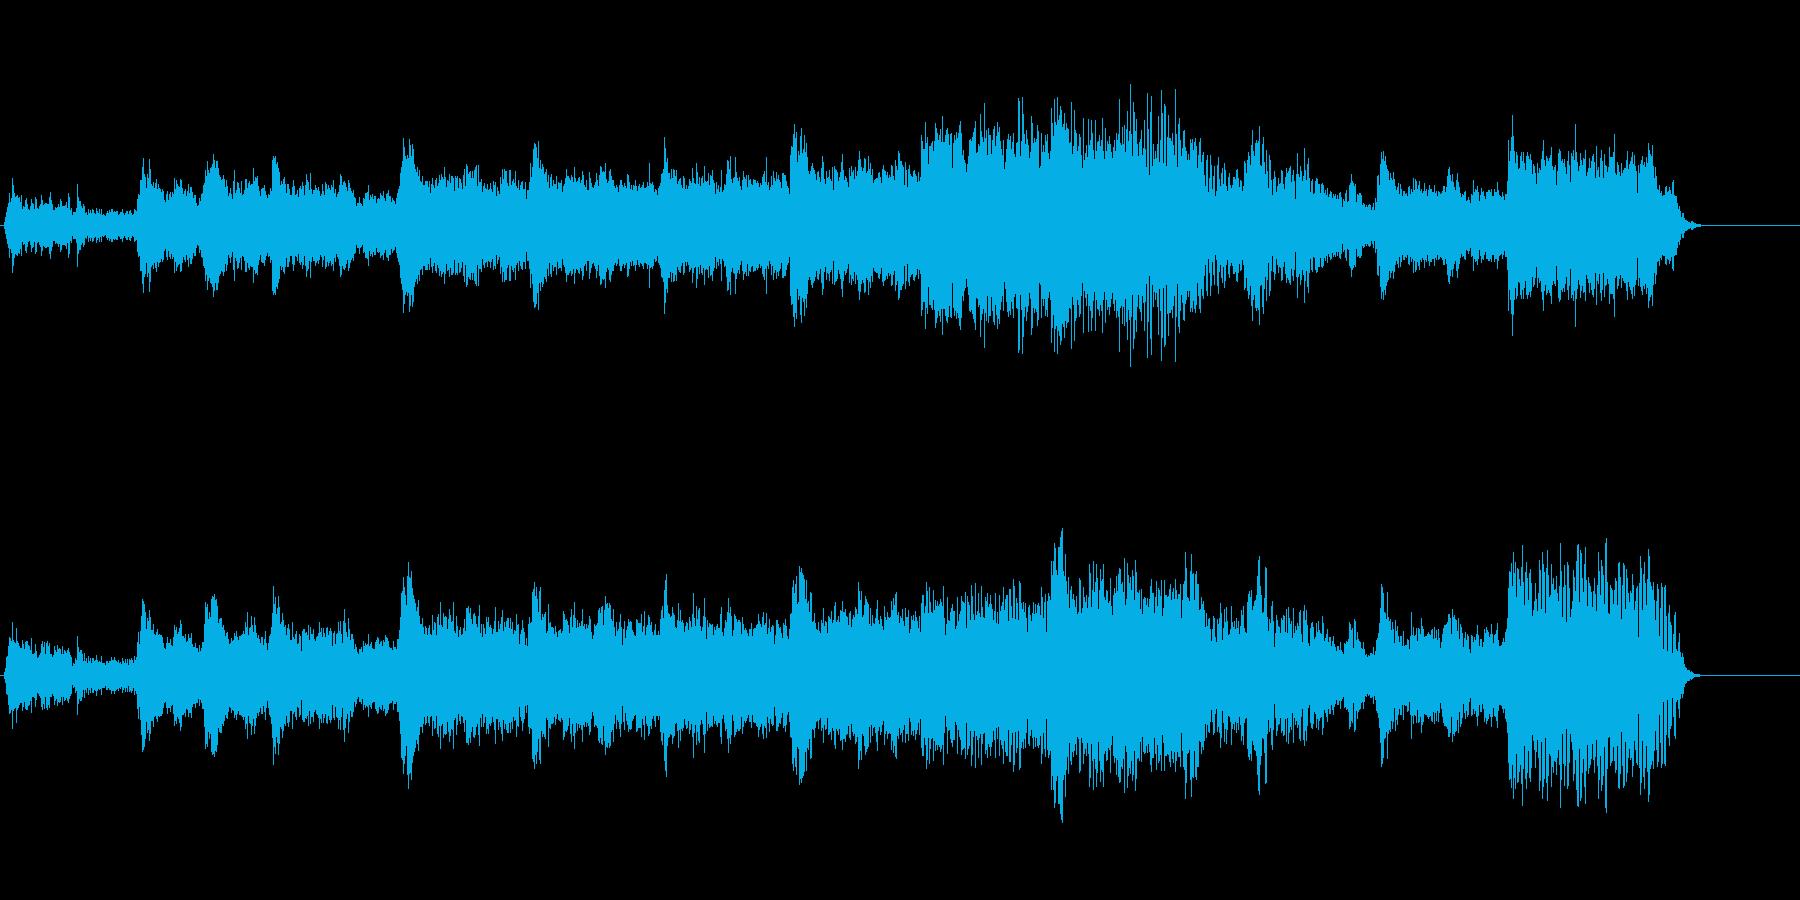 シンセサイザーの響き渡るヒーリングの再生済みの波形